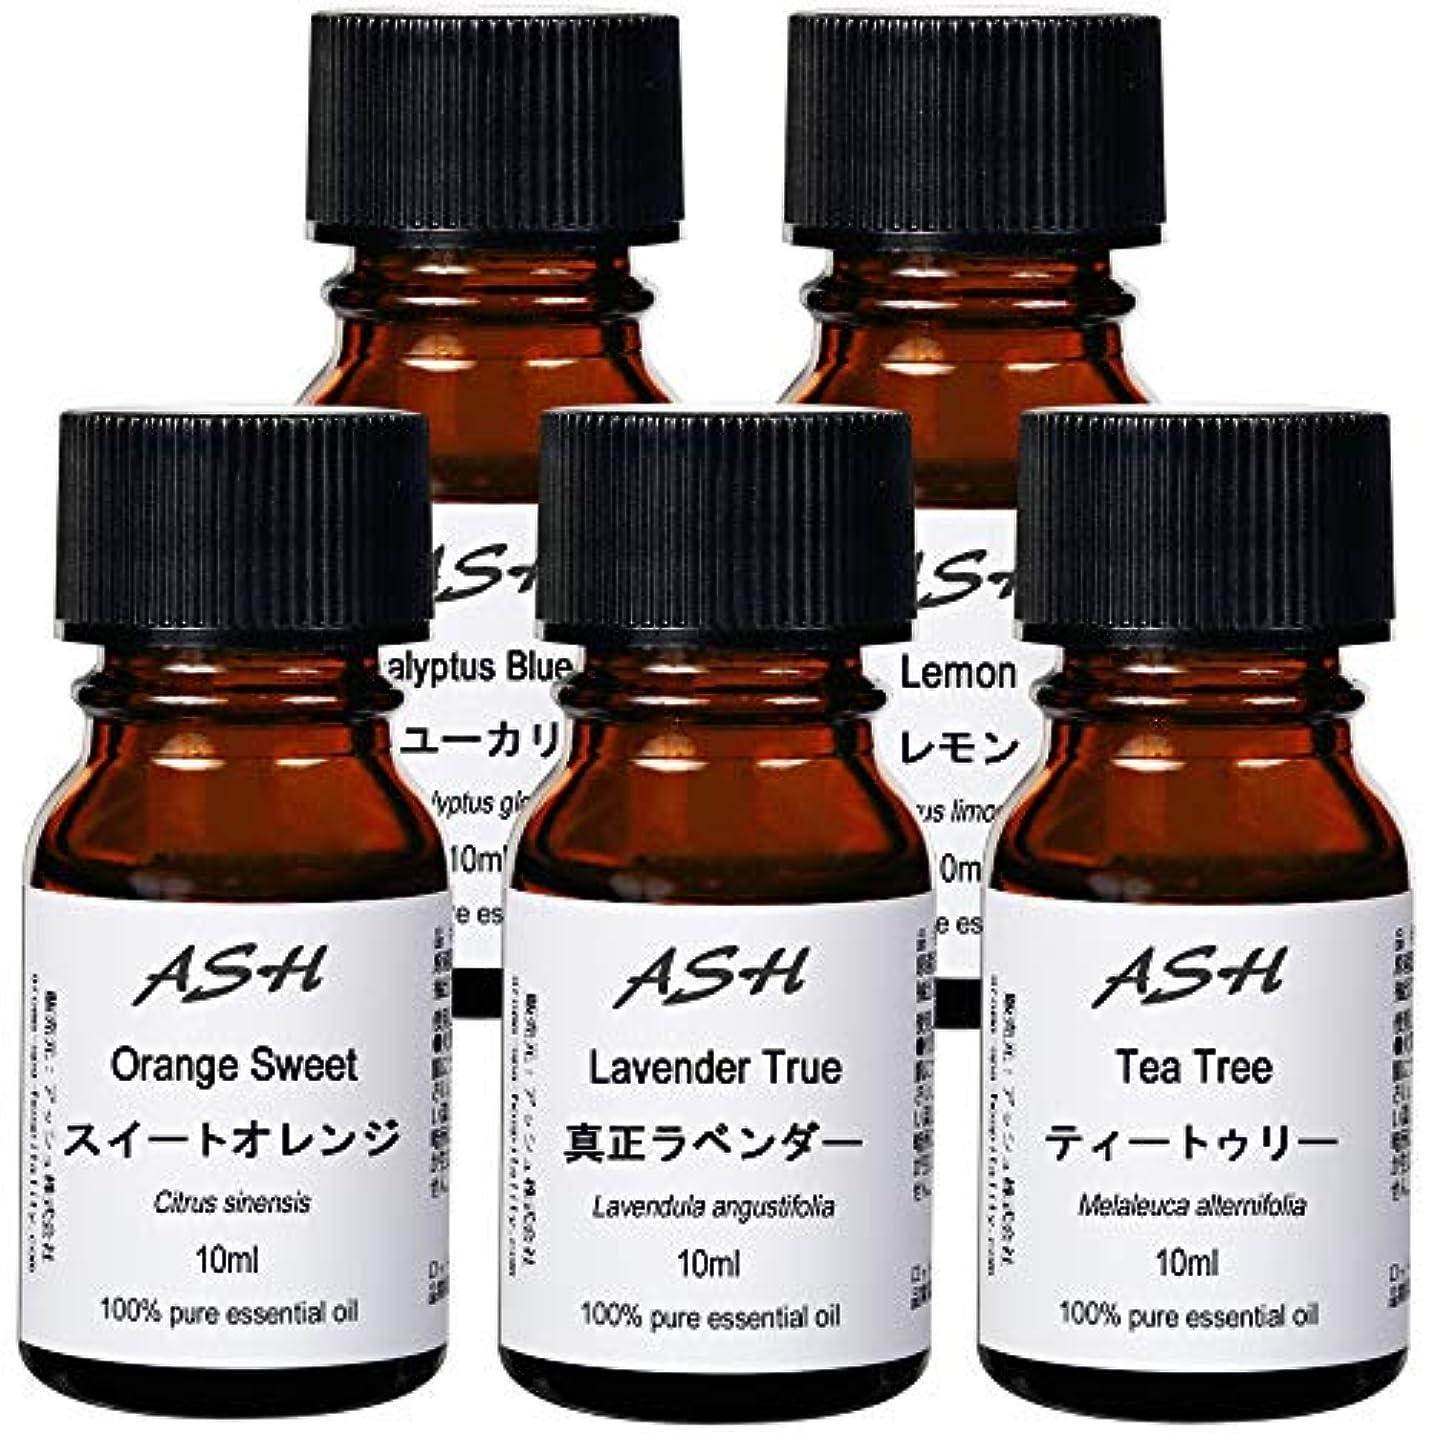 作家ジュニア韓国ASH エッセンシャルオイル B.ベーシック 10mlx5本セット (スイートオレンジ/ユーカリ/ラベンダー/レモン/ティートゥリー) AEAJ認定精油